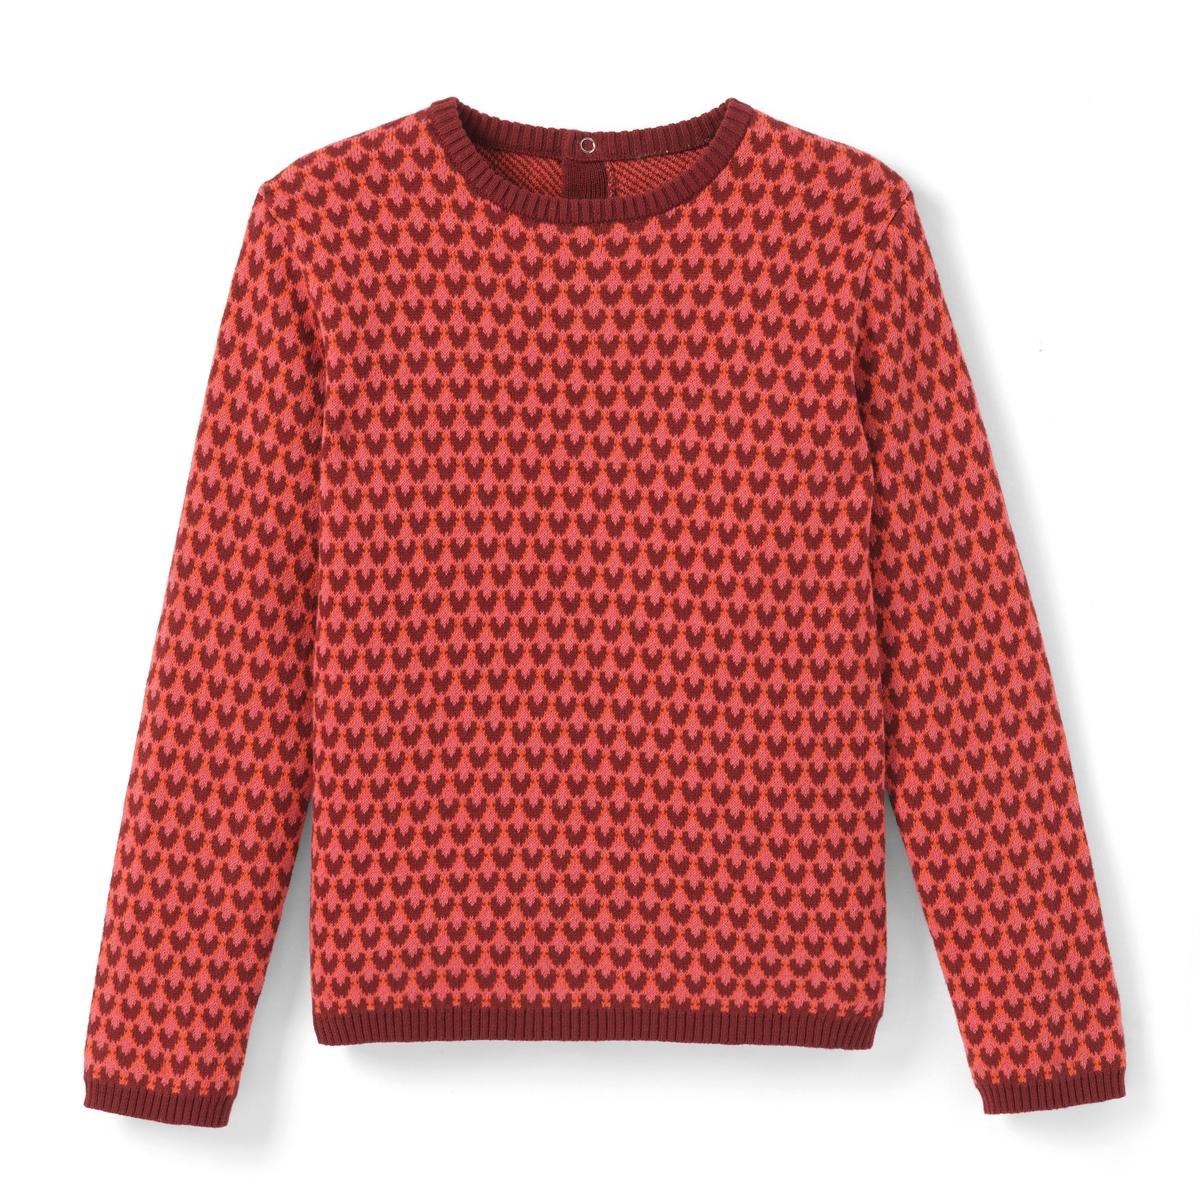 Пуловер жаккардовый с геометрическим рисунком, 3-12 лет